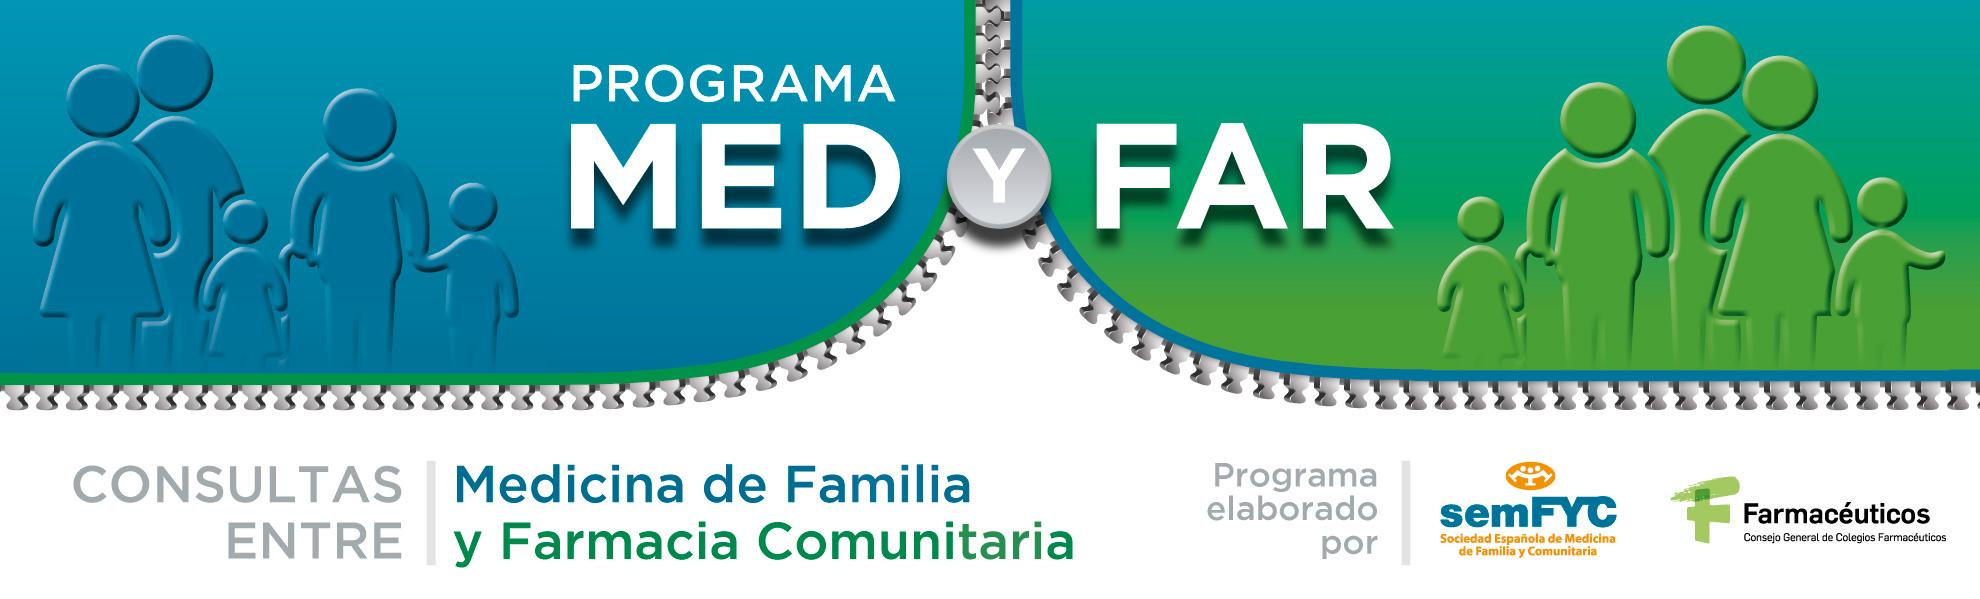 Programa de Consultas entre Medicina de Familia y Farmacia Comunitaria